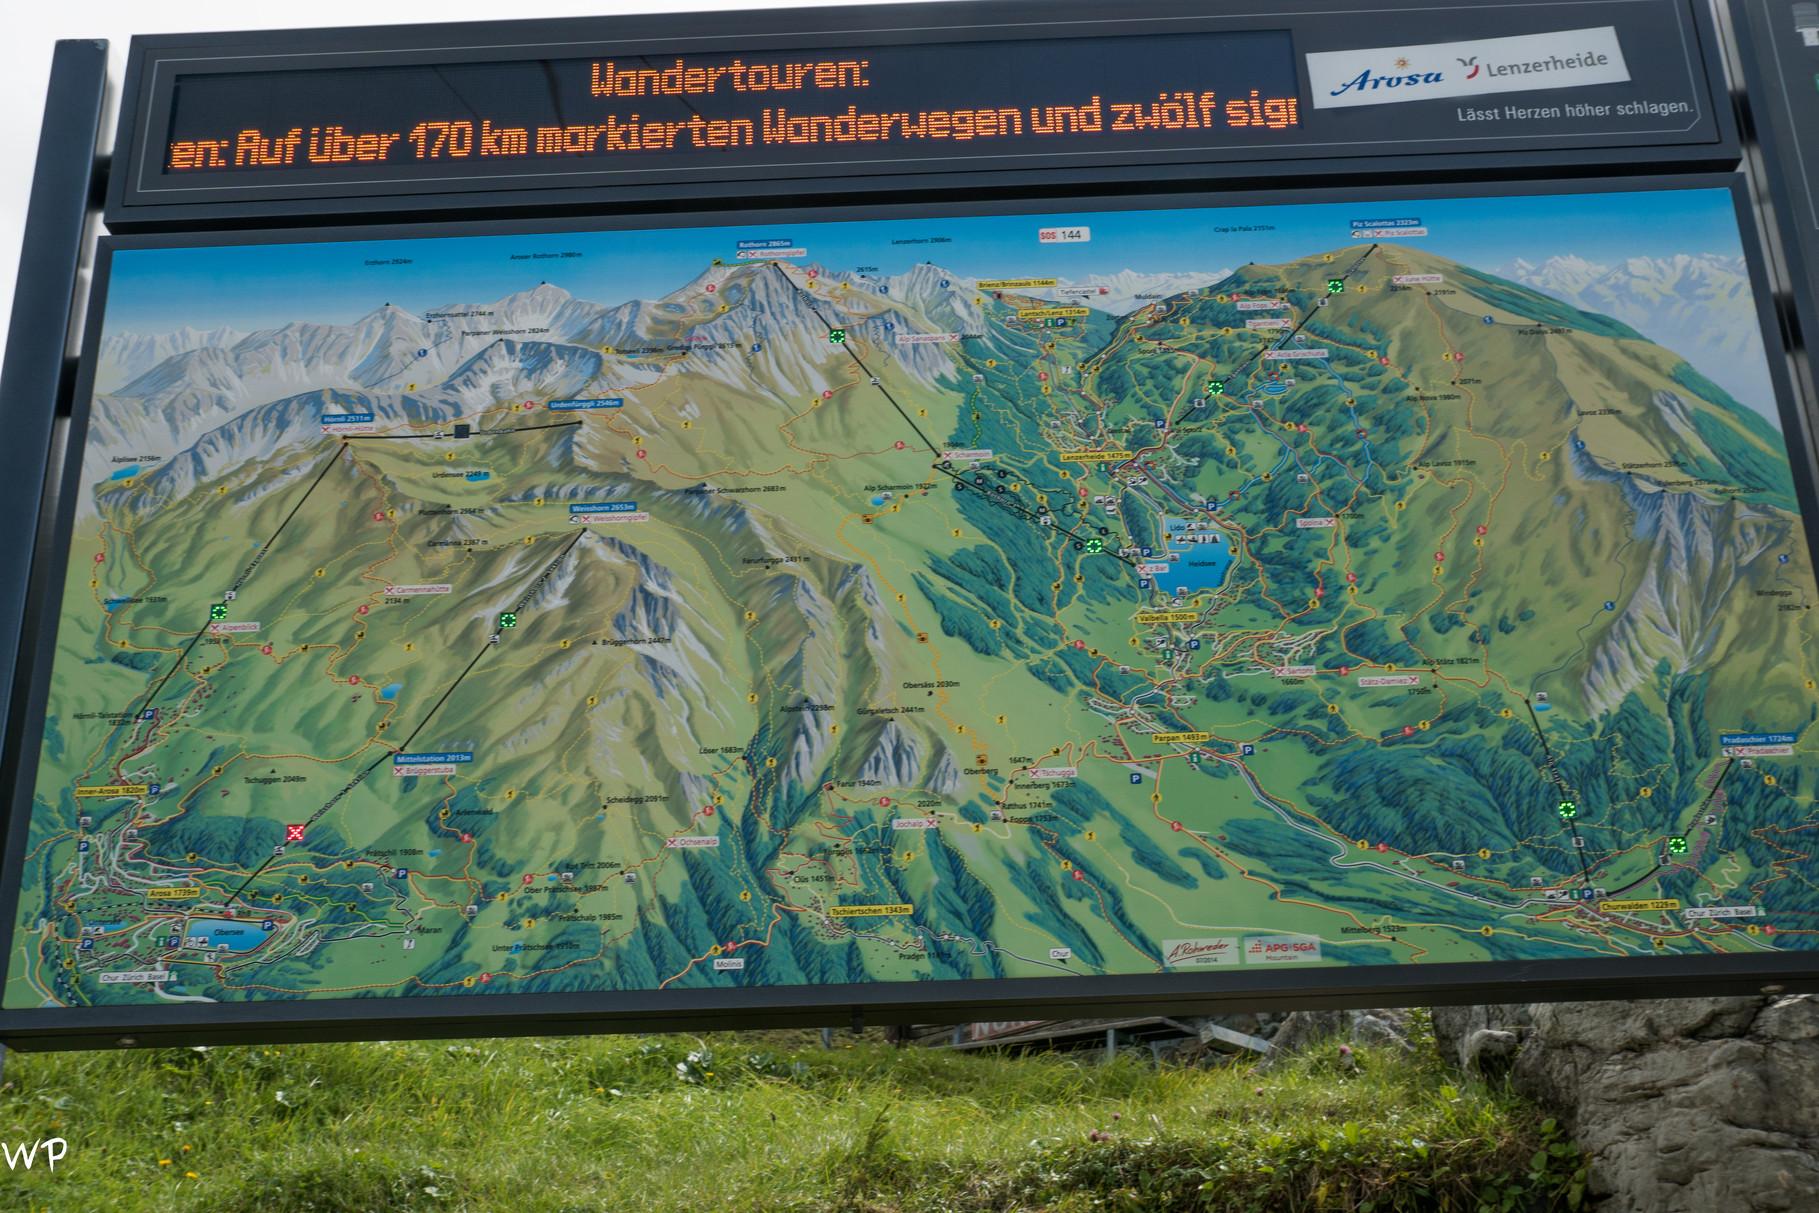 Am nächsten Tag ging es zur Gondelstation Parpaner Rothorn